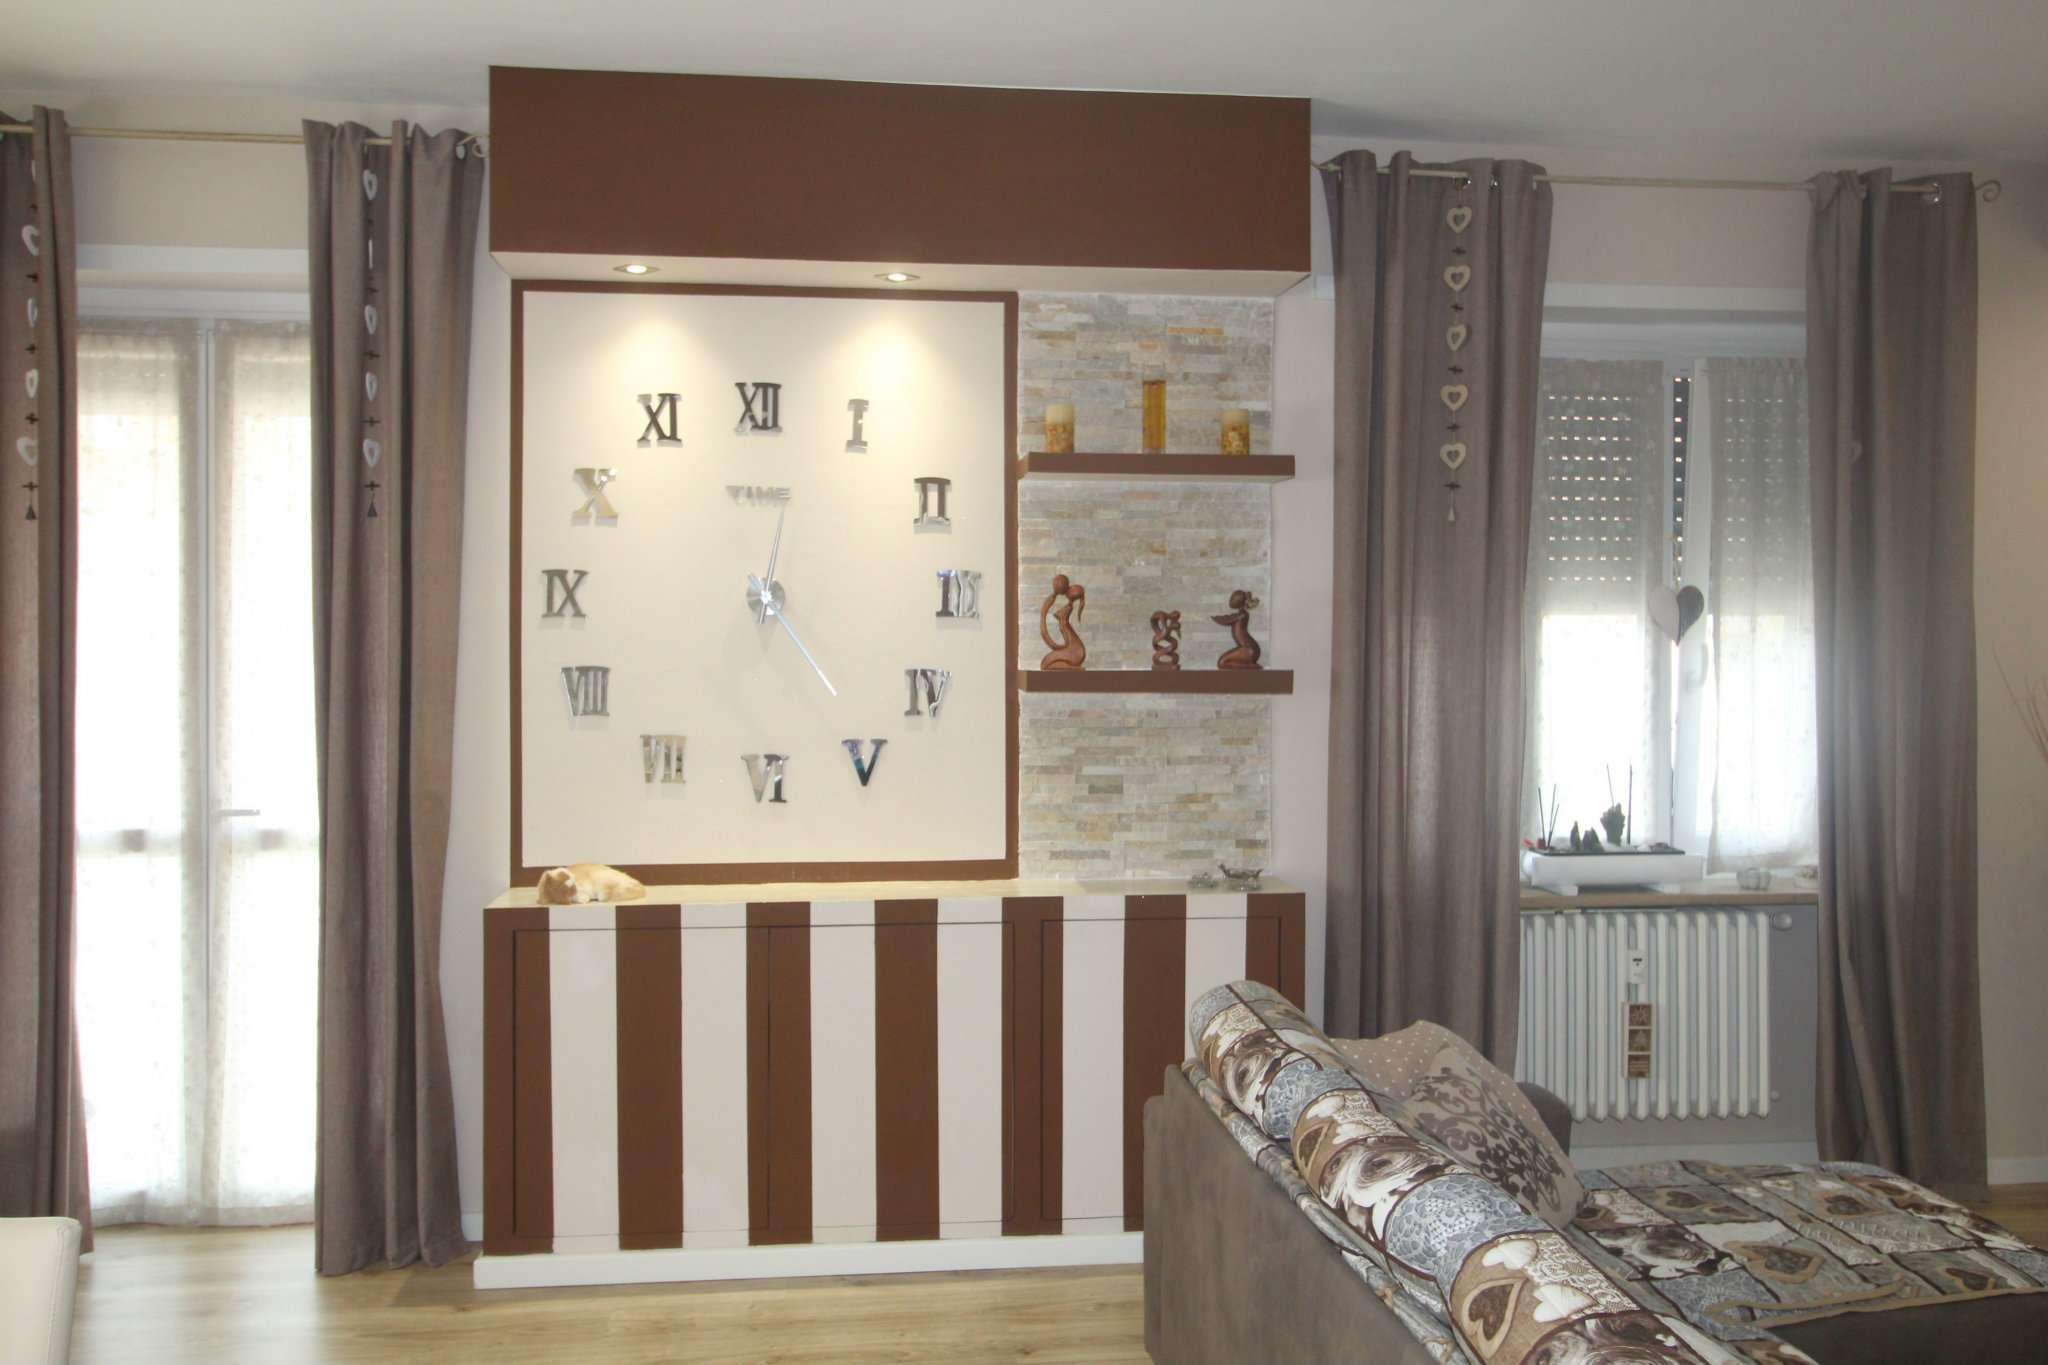 Appartamento in vendita a Piobesi Torinese, 4 locali, prezzo € 179.000 | CambioCasa.it